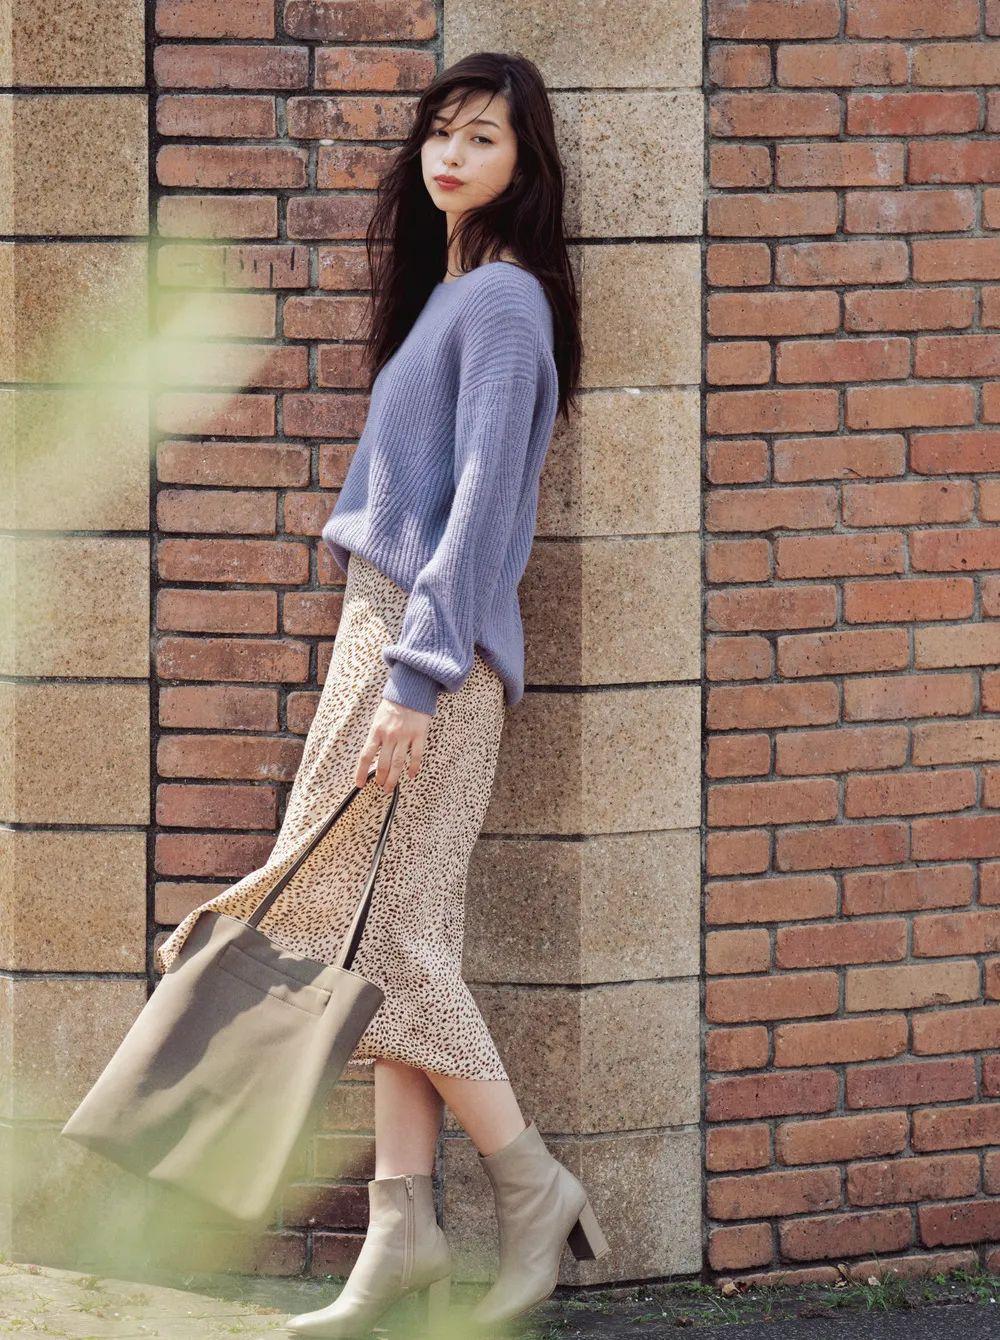 """Có 1 combo ai diện cũng đẹp vào mùa Thu đó là áo len và chân váy, nàng công sở diện đi làm hay đi chơi cũng """"hút"""" hết nấc - Ảnh 5."""